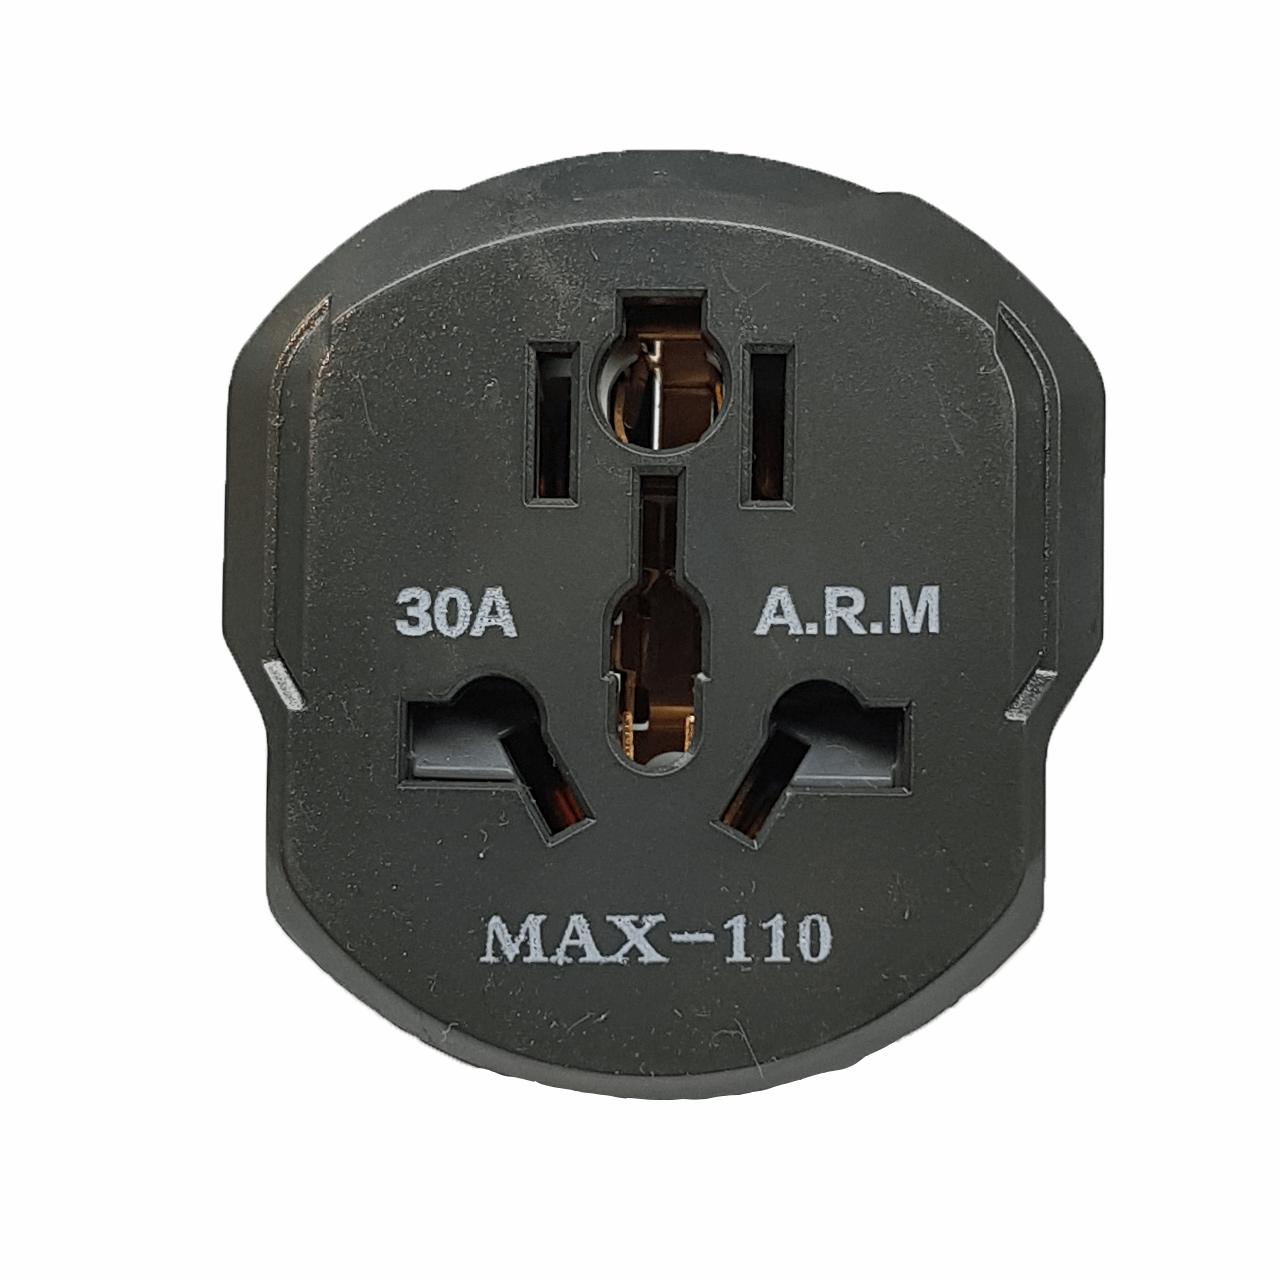 مبدل برق MAX-110 مدل 250V30A